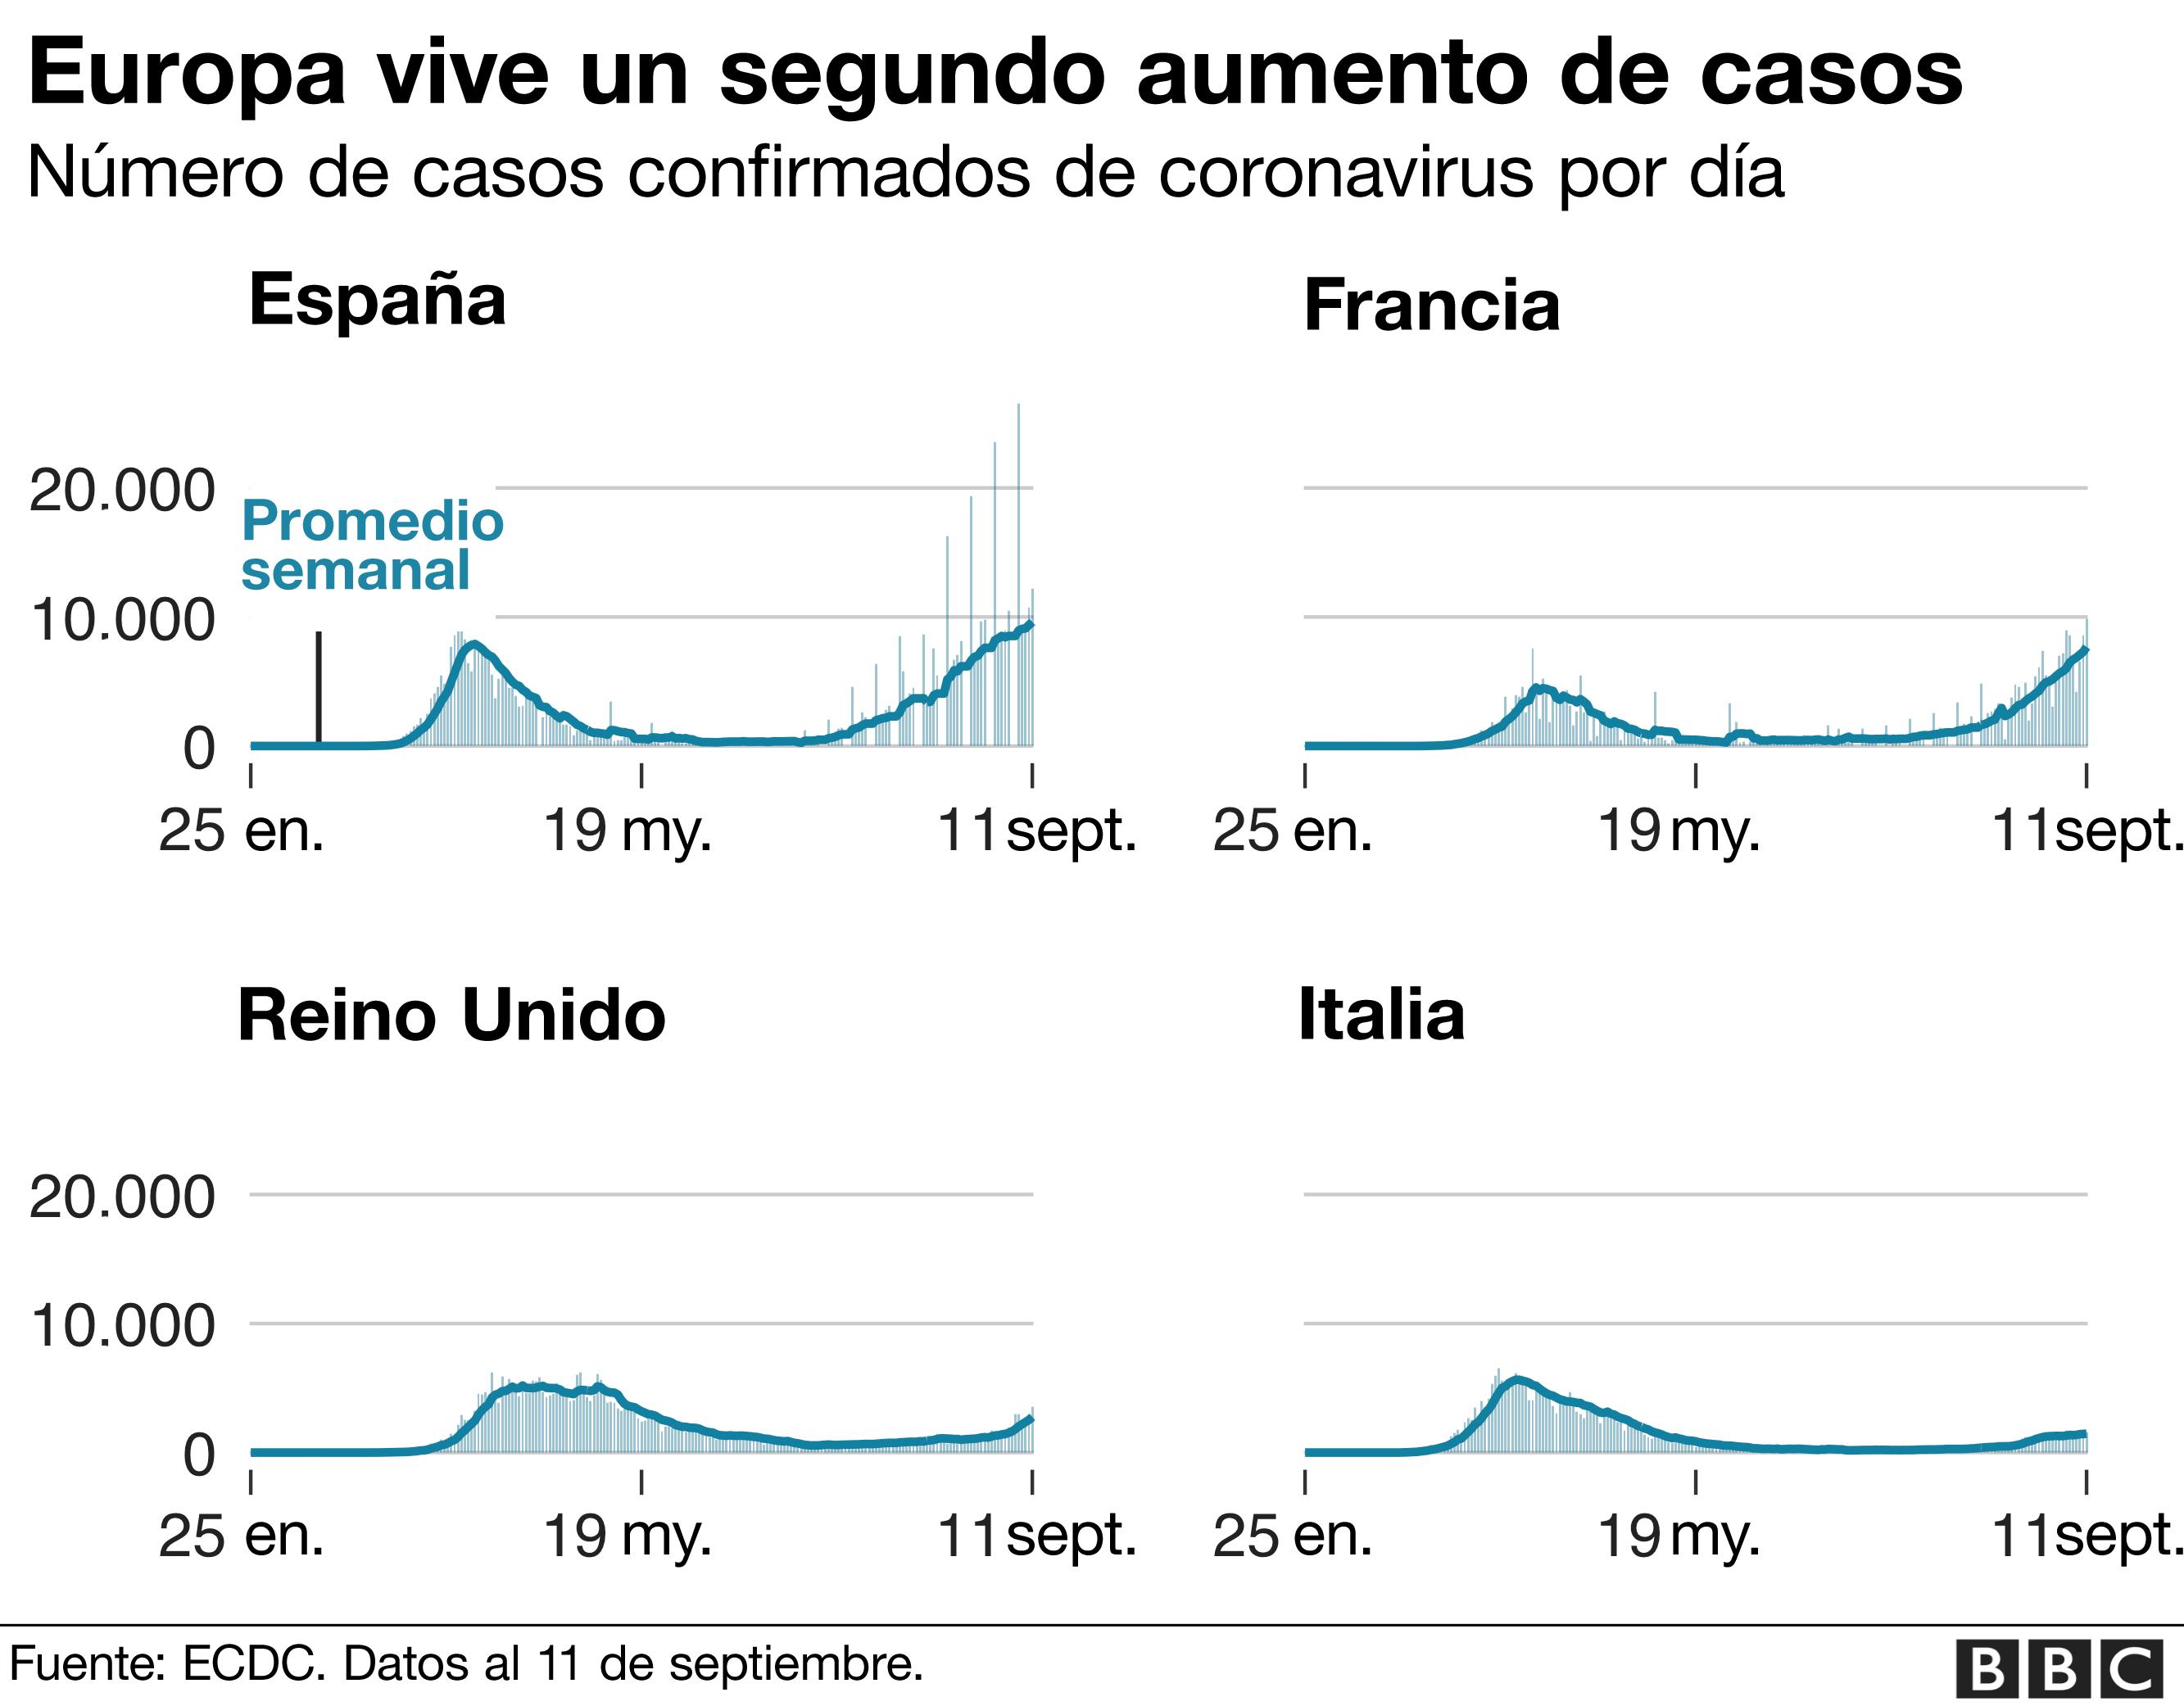 Europa está experimentando un segundo aumento de casos.